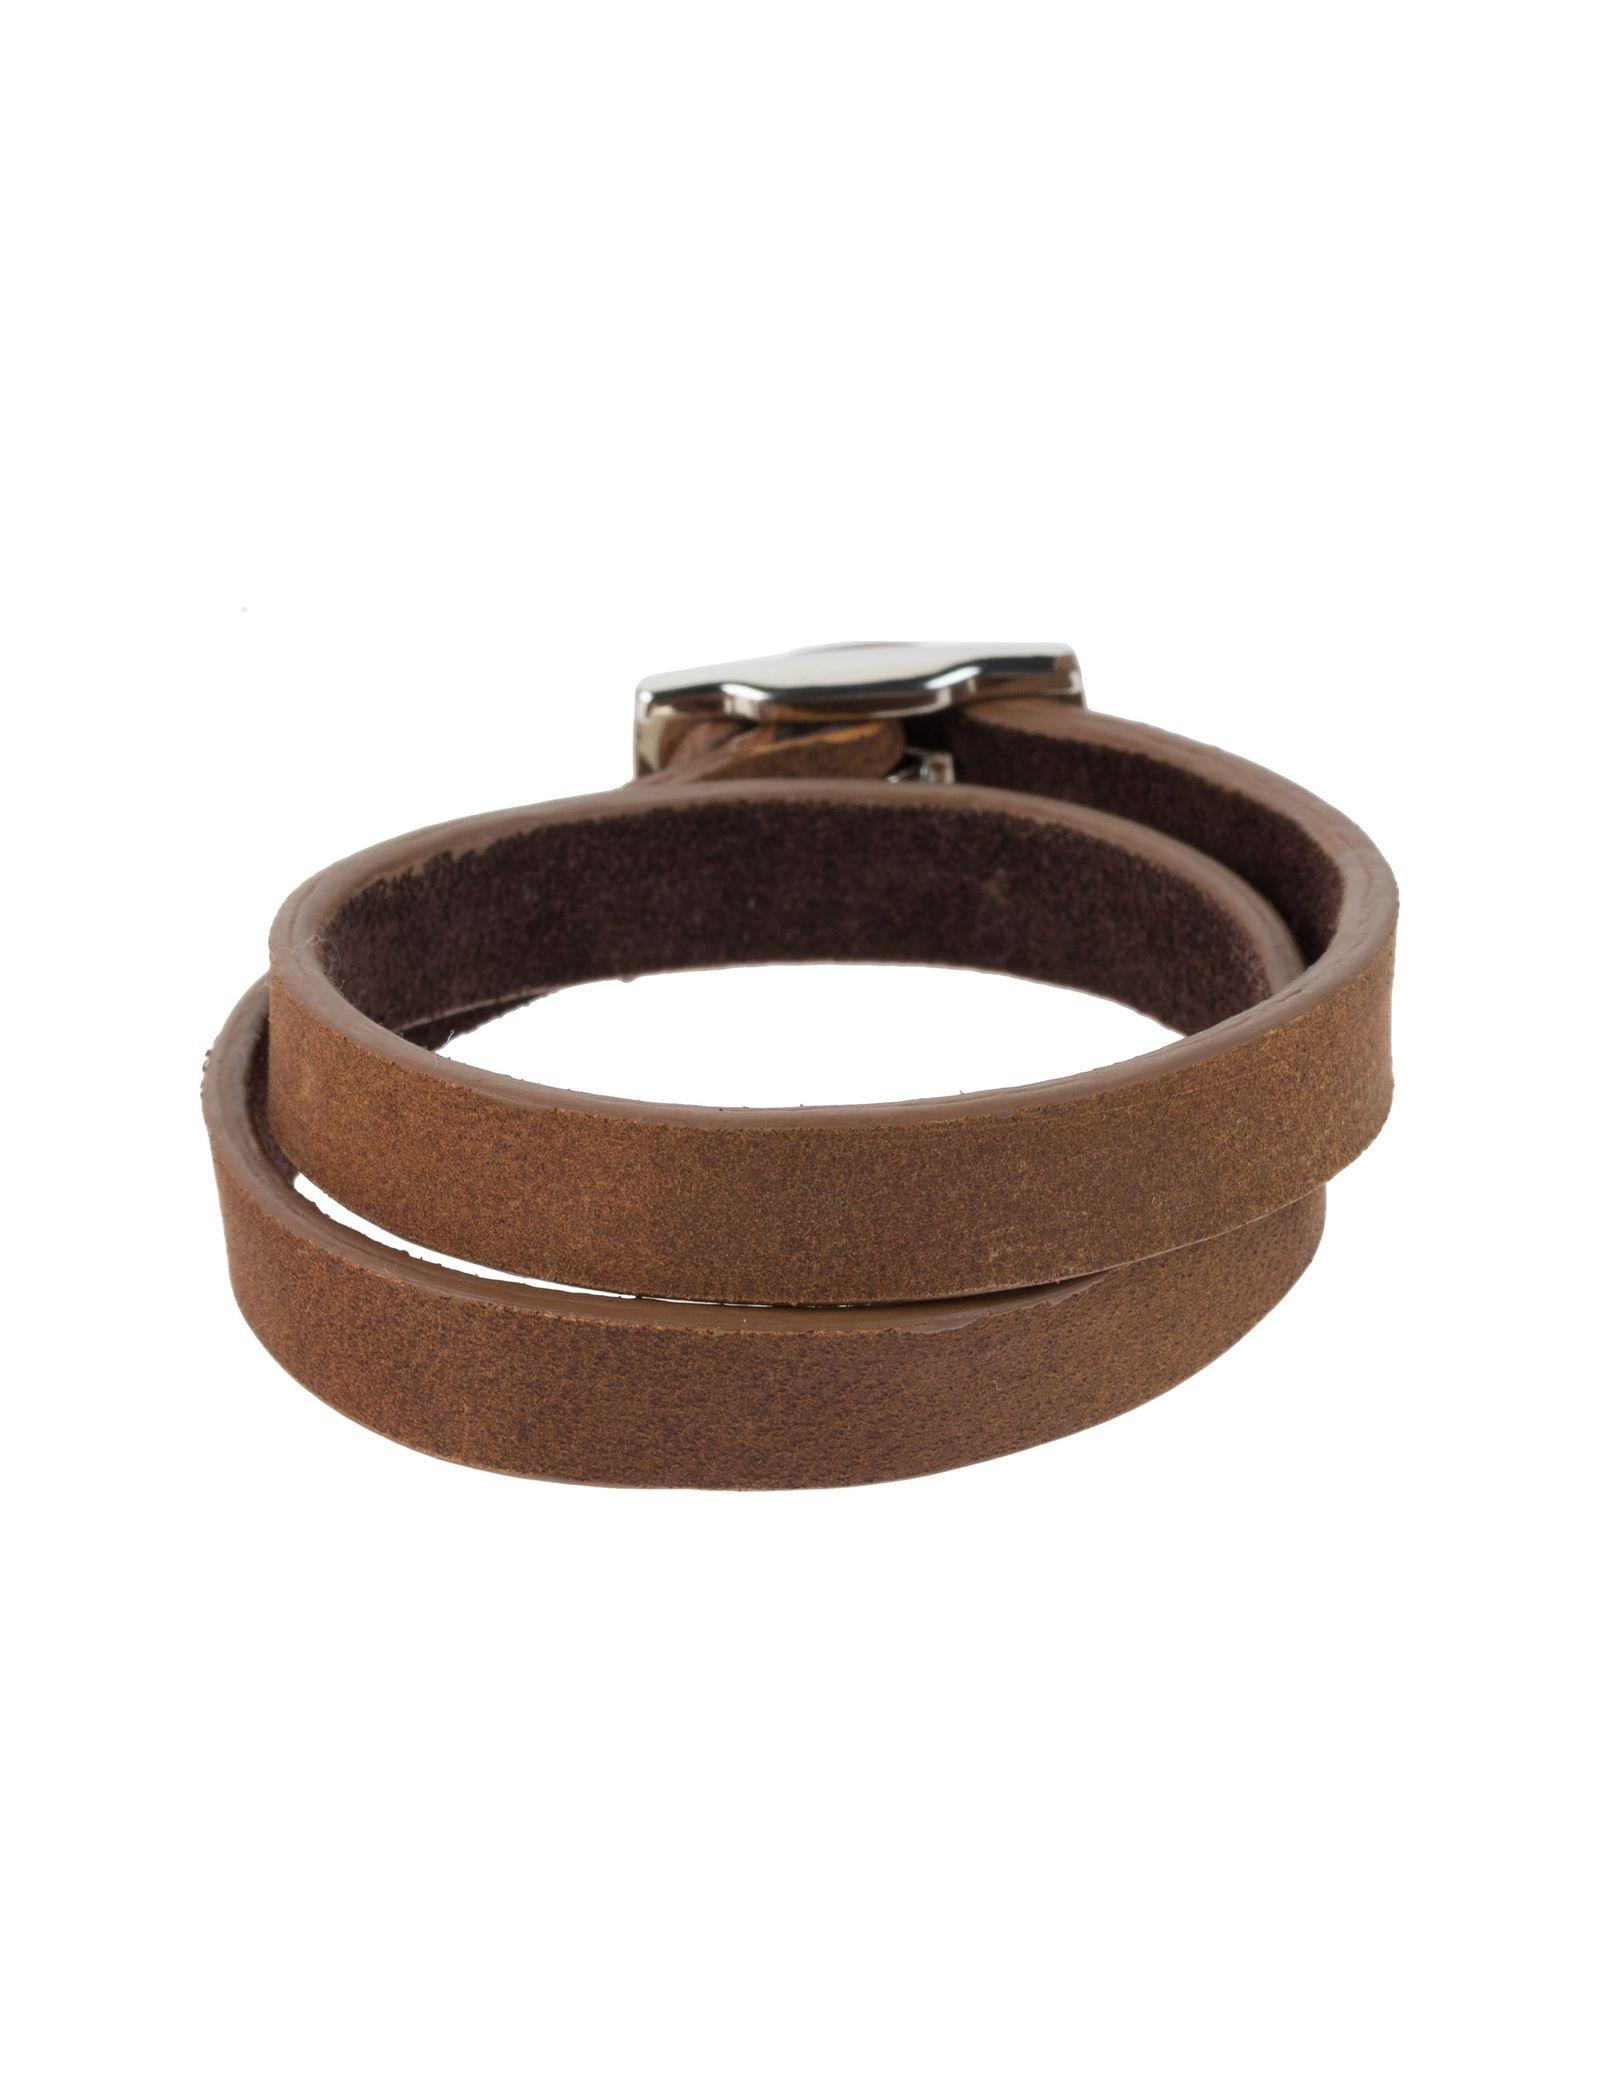 دستبند چرم مردانه - ماکو دیزاین سایز 42 cm - قهوه اي روشن - 1